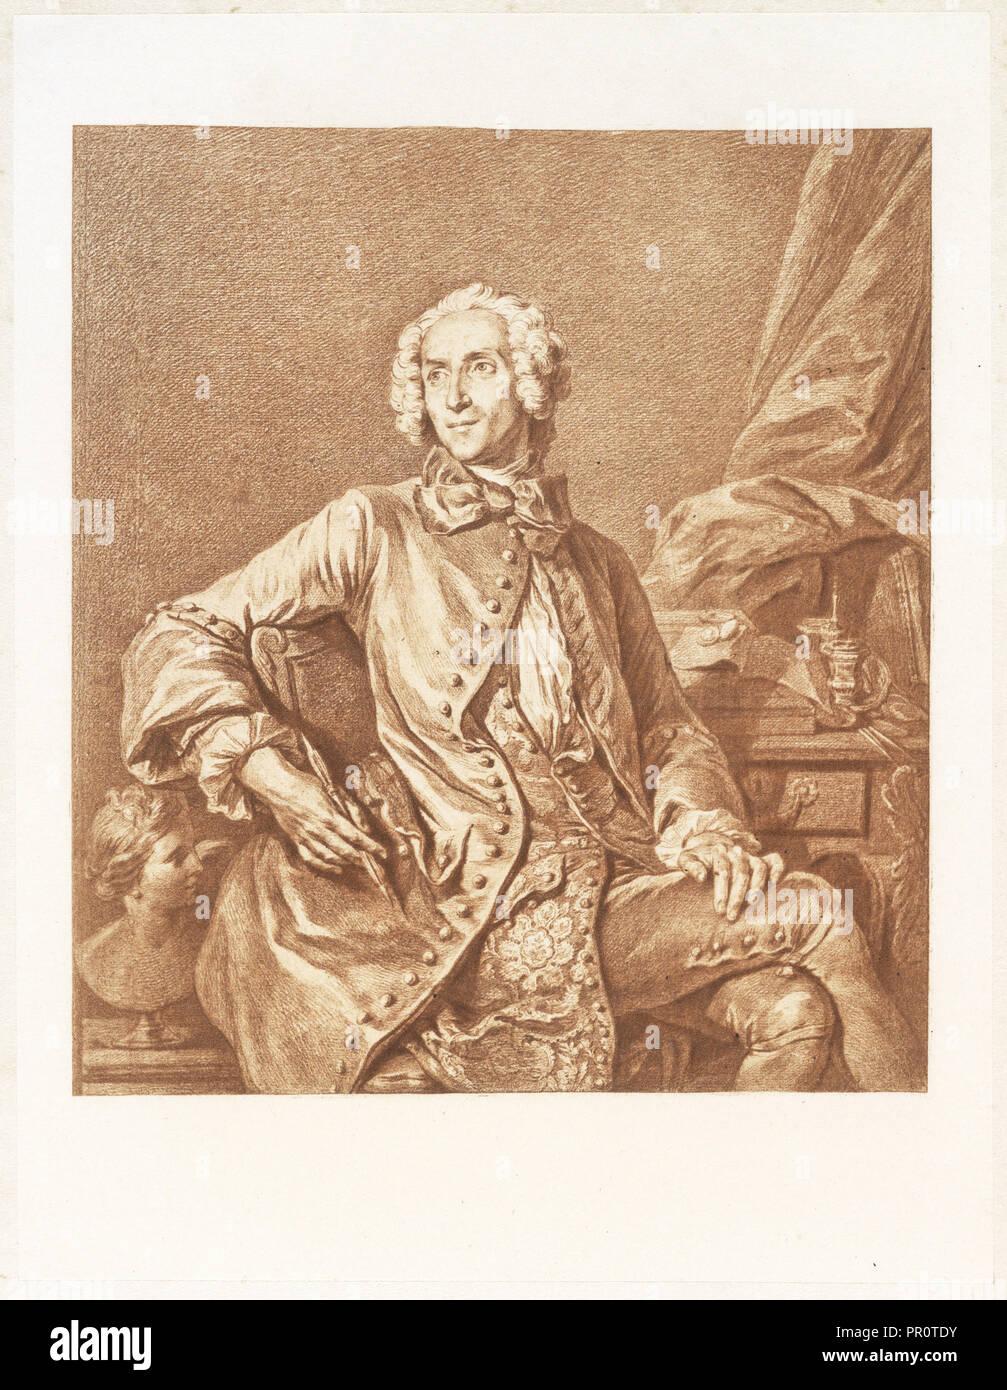 Self-portrait of the artist, Un artiste oublié: J. B. Massé, peintre de Louis XV, dessinateur, graveur, Massé, Jean Baptiste - Stock Image